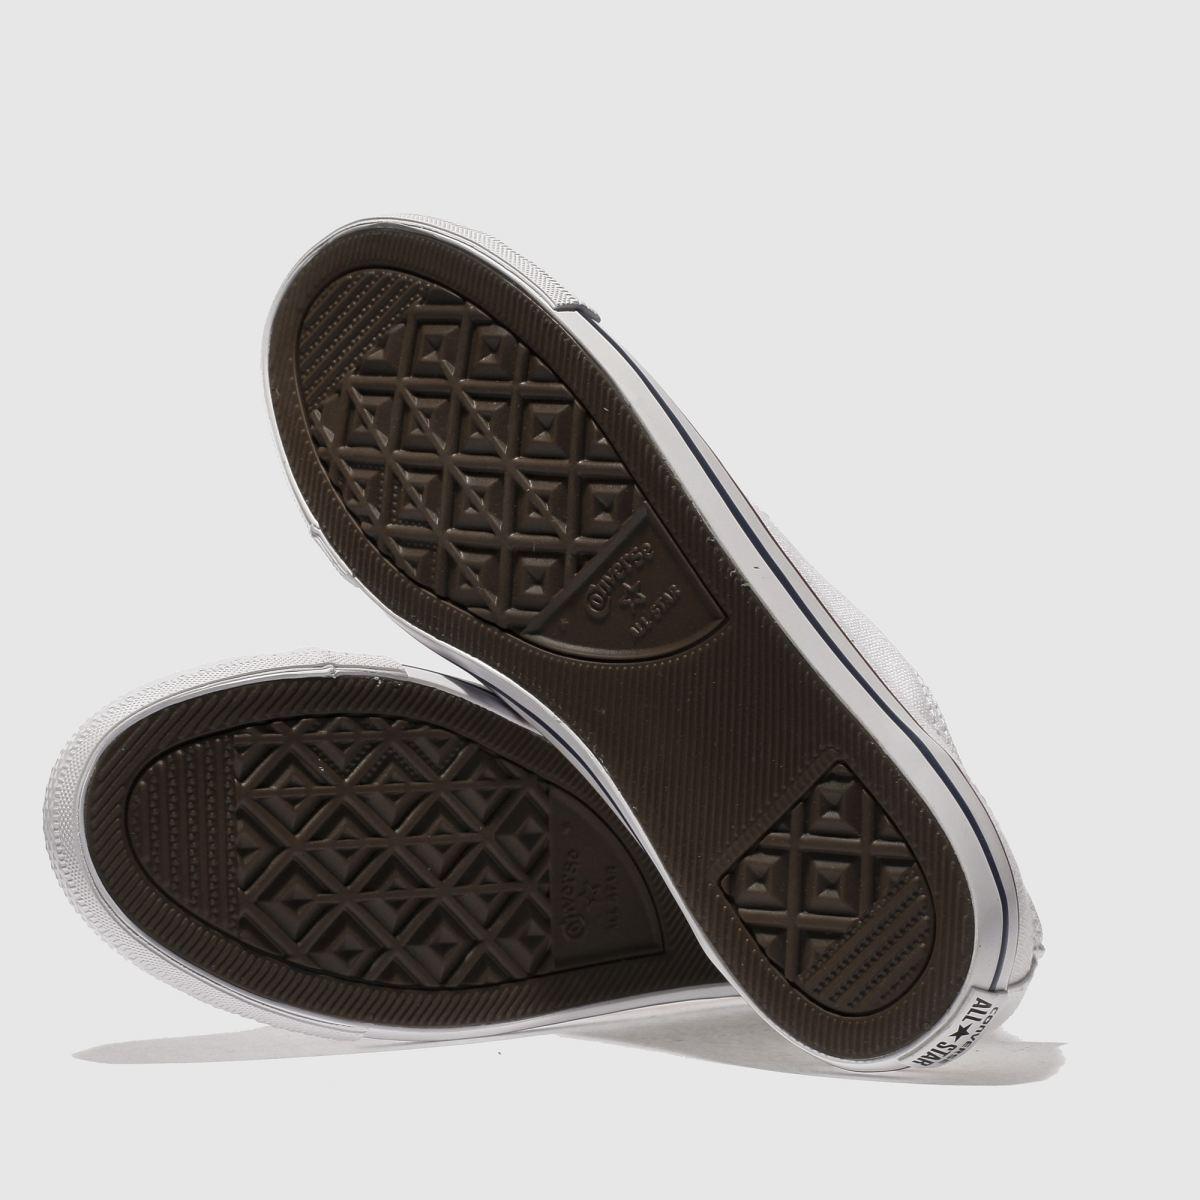 Damen Dainty Weiß converse All Star Dainty Damen Canvas Sneaker | schuh Gute Qualität beliebte Schuhe 58fb7e